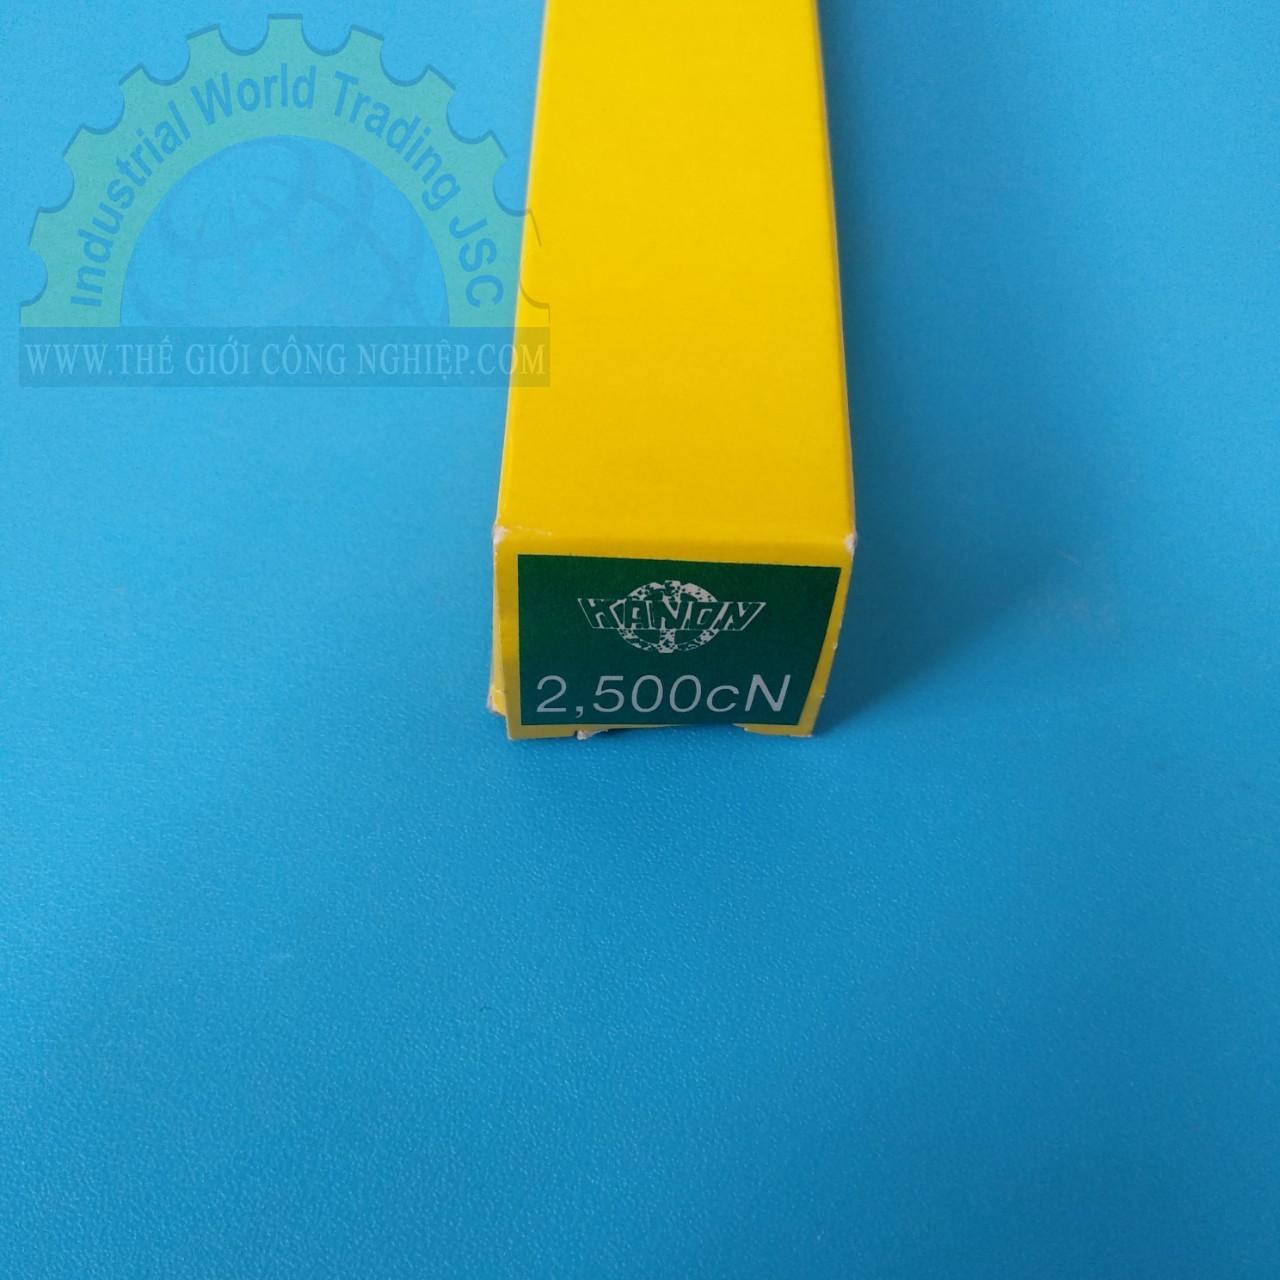 Tension gauge 0 – 2.5kg TK2500CN Kanon